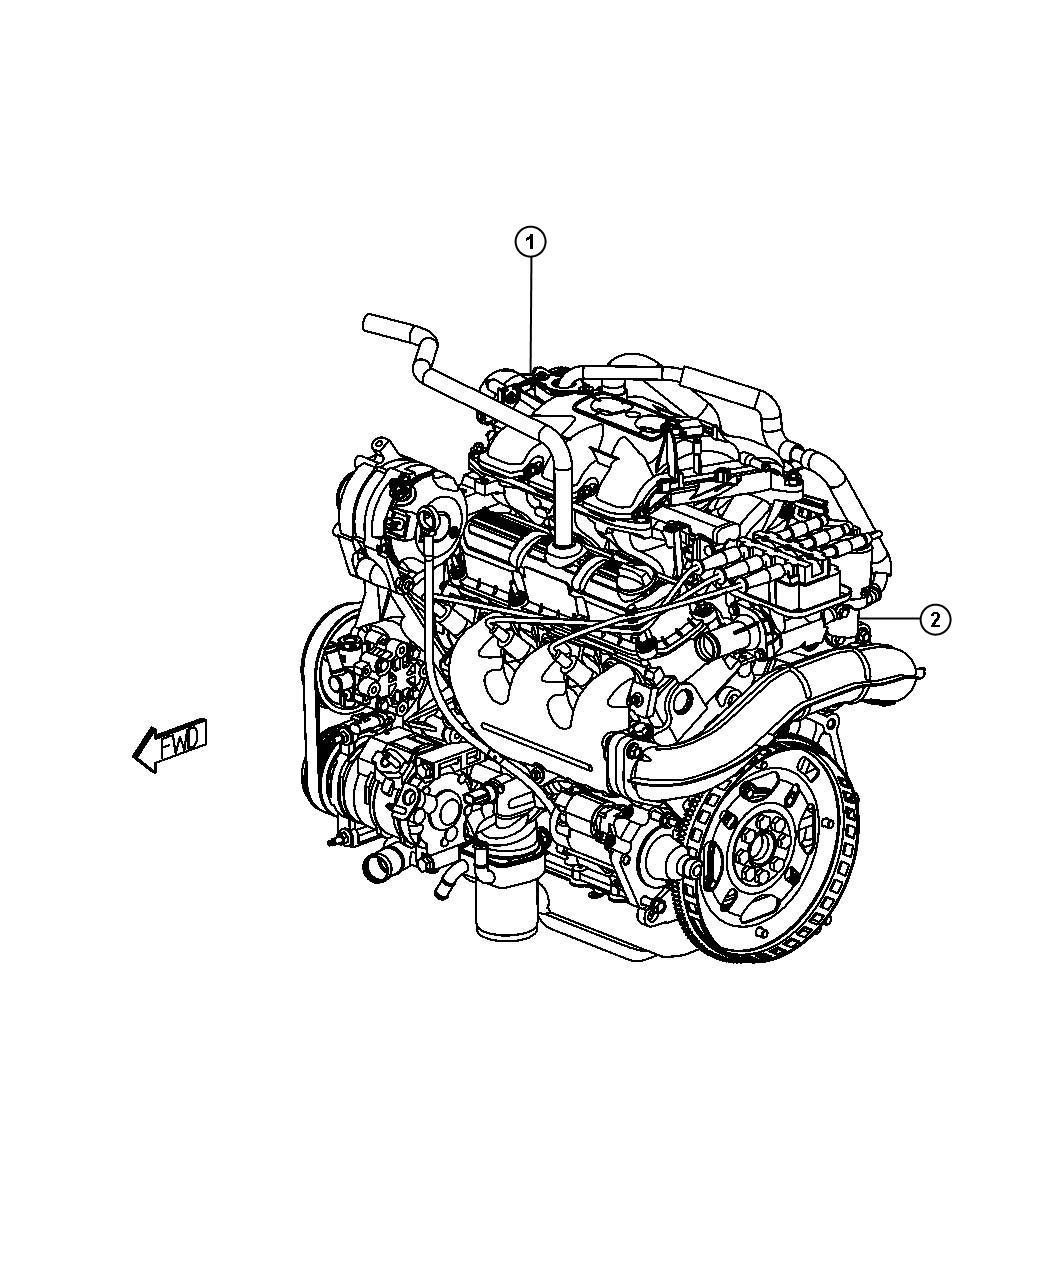 Dodge Grand Caravan Engine Long Block Remanufactured Service Ohv Cylinder